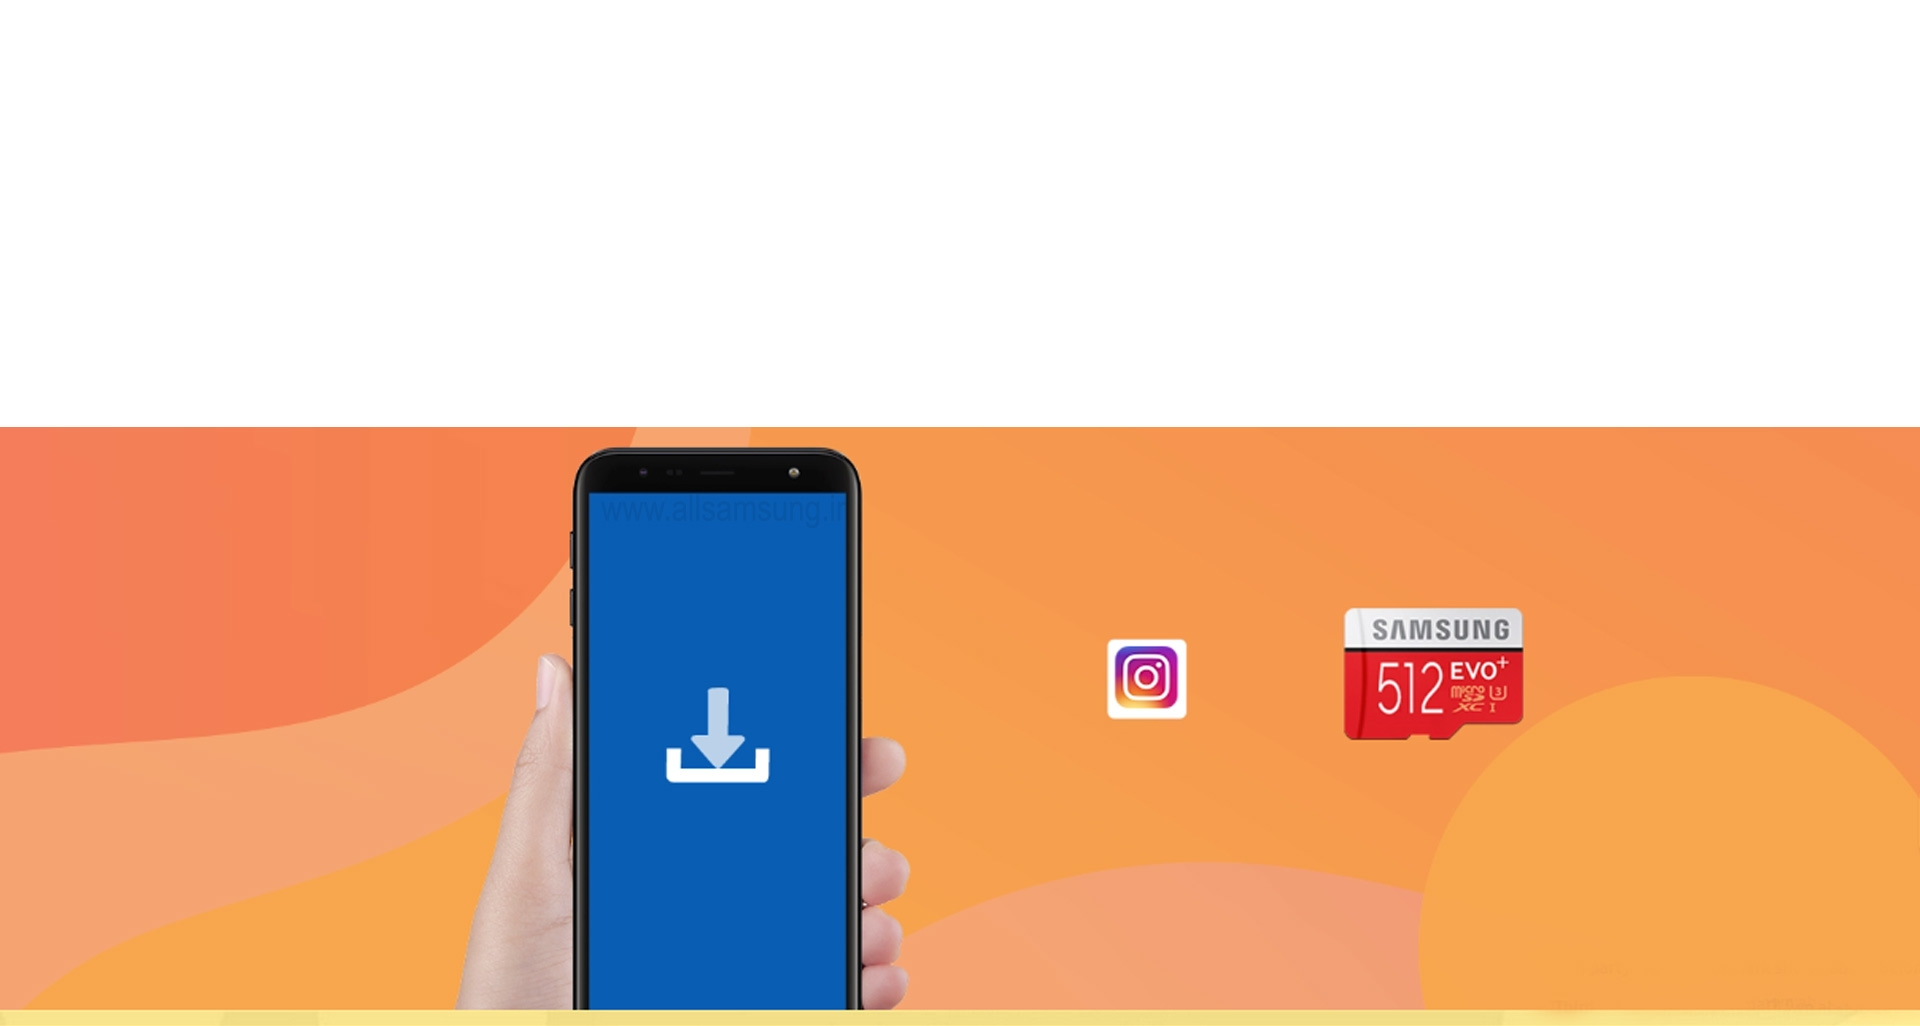 گلکسی جی 6 پلاس، یک گوشی هوشمند